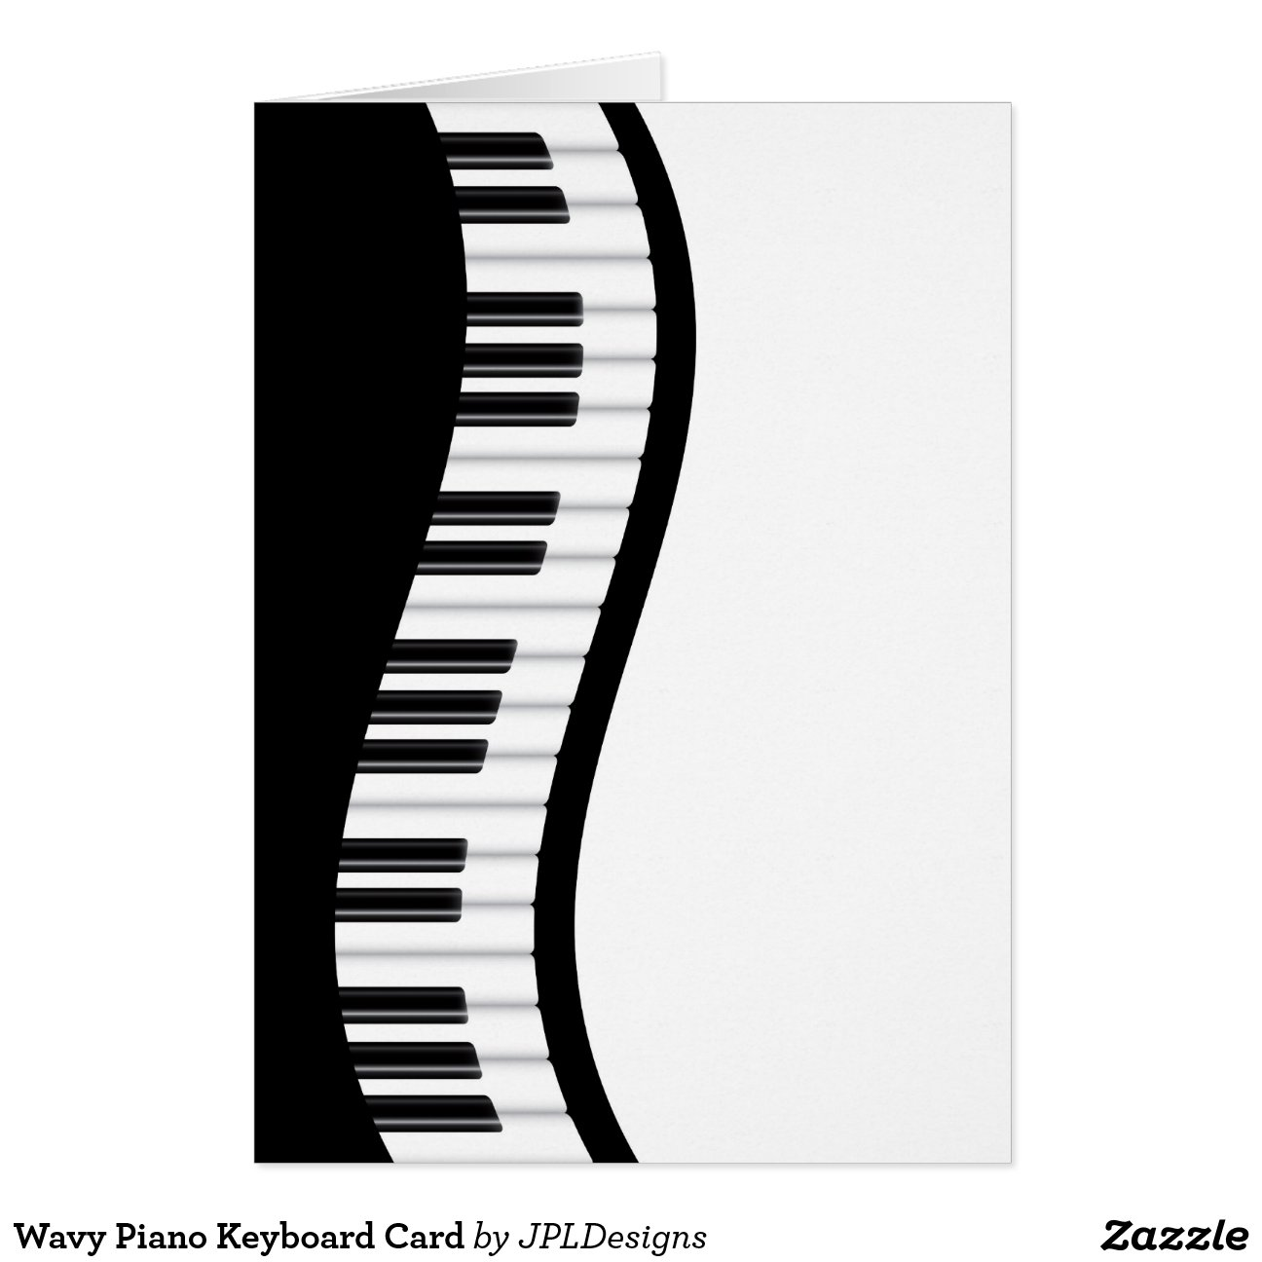 Wavy Piano Keyboard Card Piano Keyboard Images